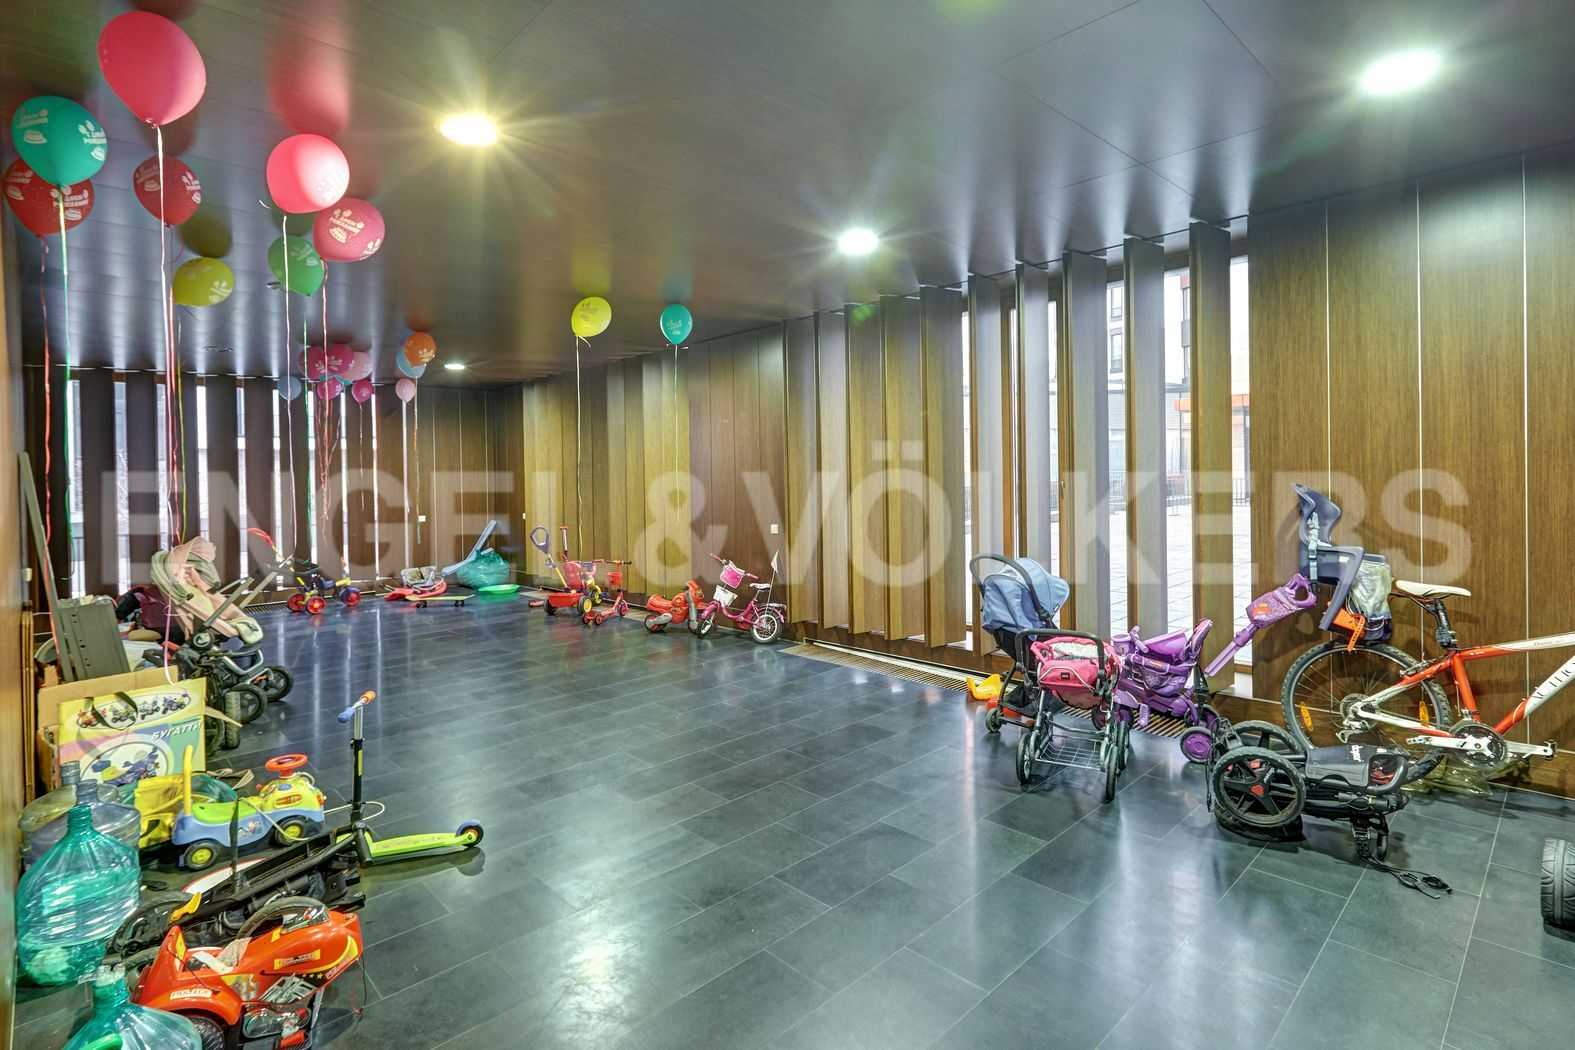 Элитные квартиры на . Санкт-Петербург, наб. Мартынова, 74. Помещение для хранения колясок и велосипедов